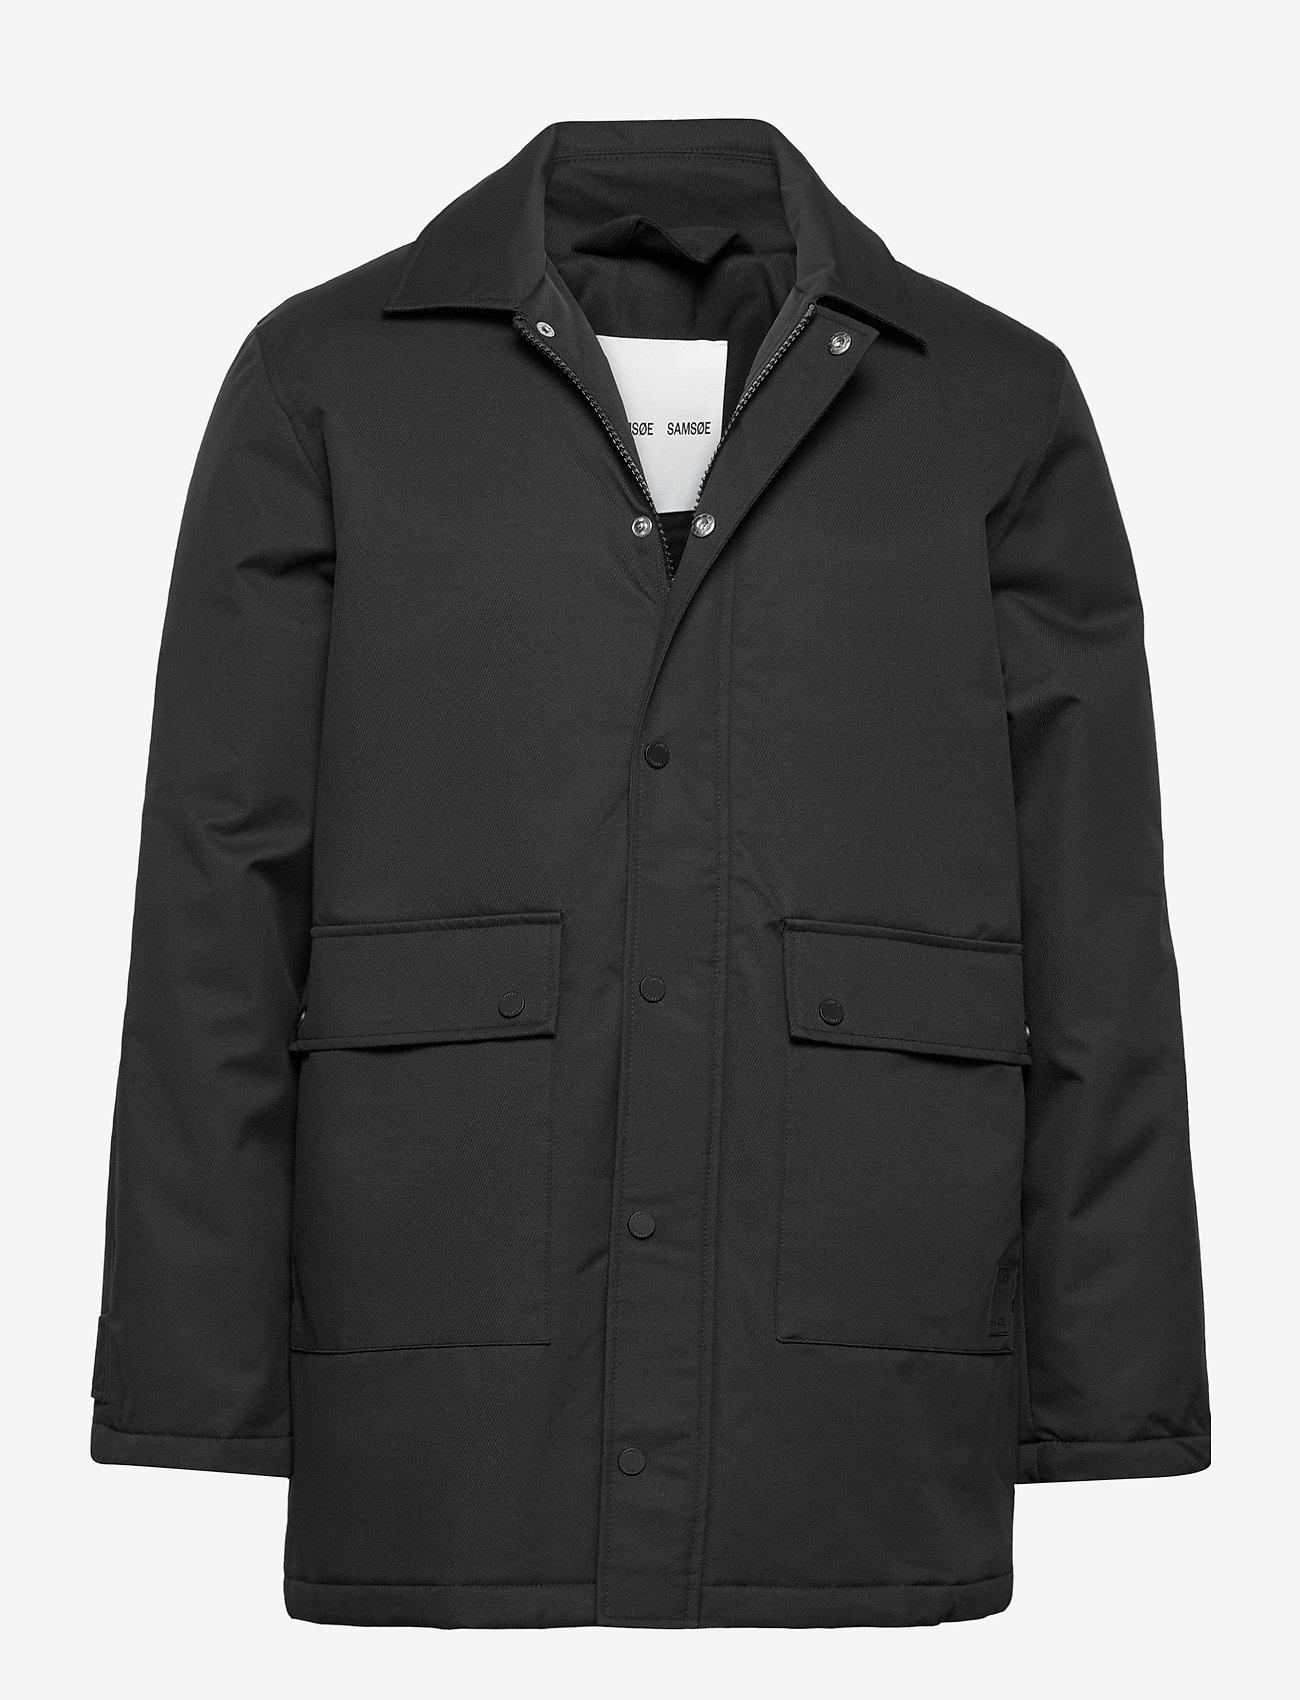 Samsøe Samsøe Ursan jacket 11234 - Jakker og frakker BLACK - Menn Klær